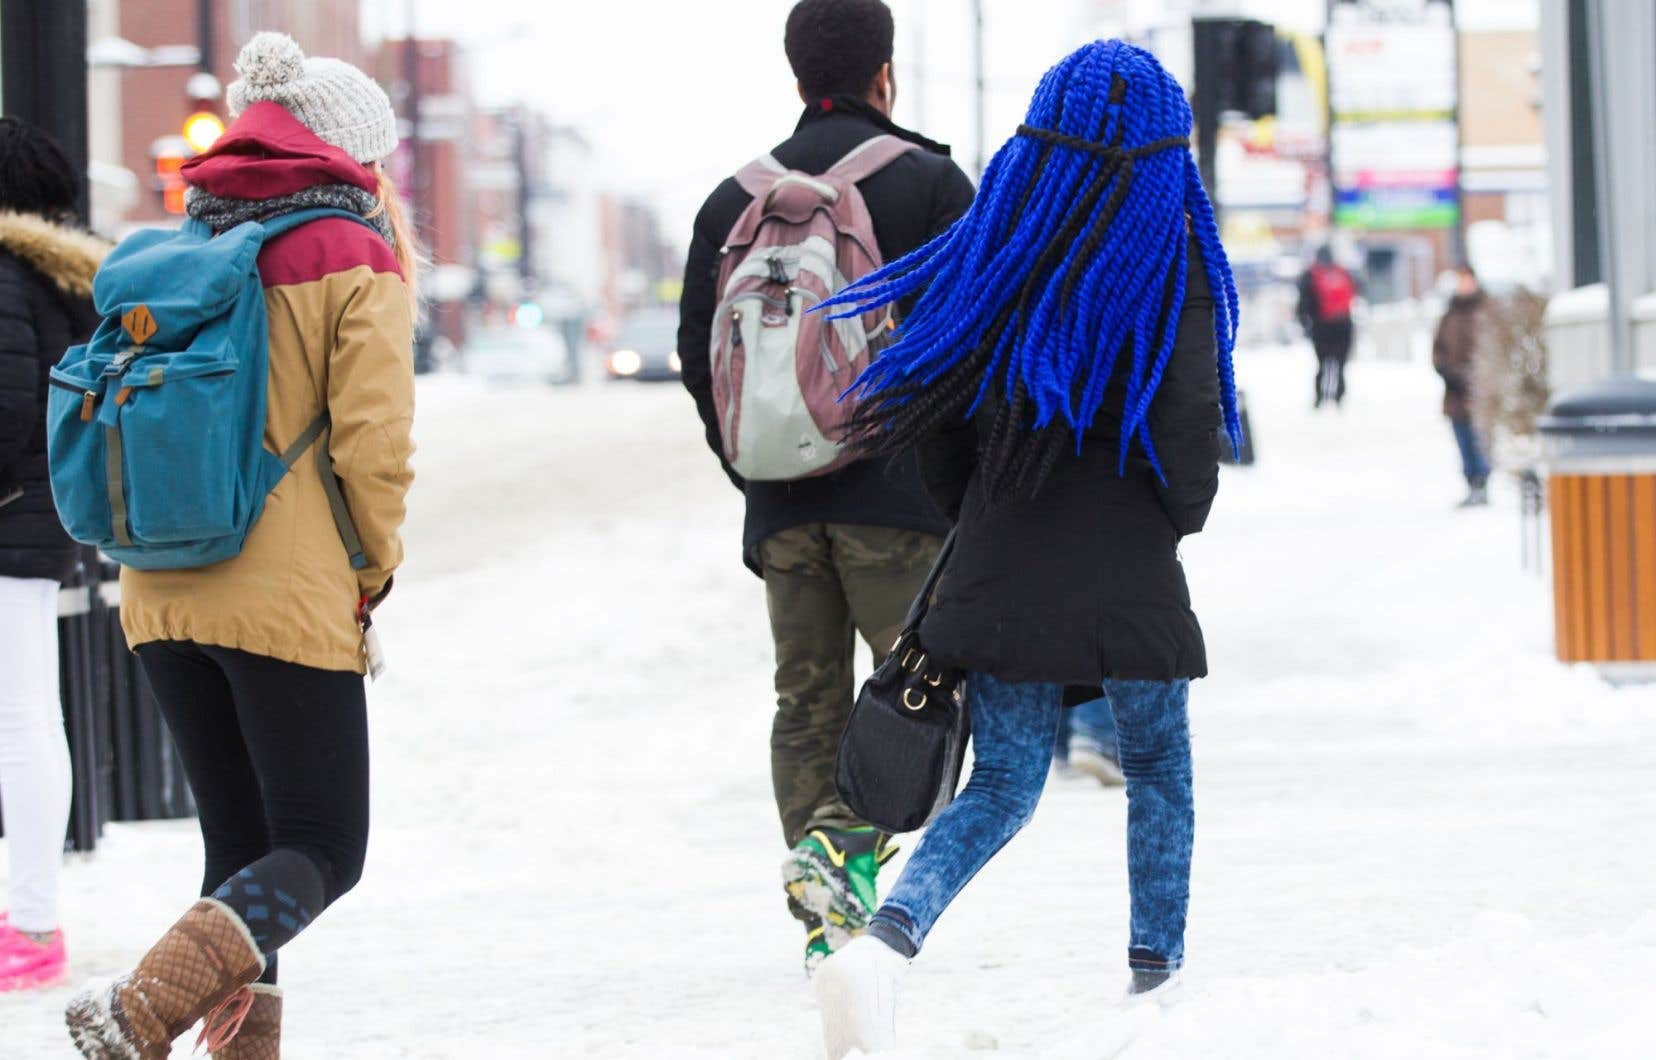 Québec a annoncé un nouveau programme intitulé «Prévention jeunesse» dans le cadre de la lutte contre l'exploitation sexuelle des jeunes et, de manière plus générale, contre les divers phénomènes pouvant mettre à risque la sécurité des jeunes.